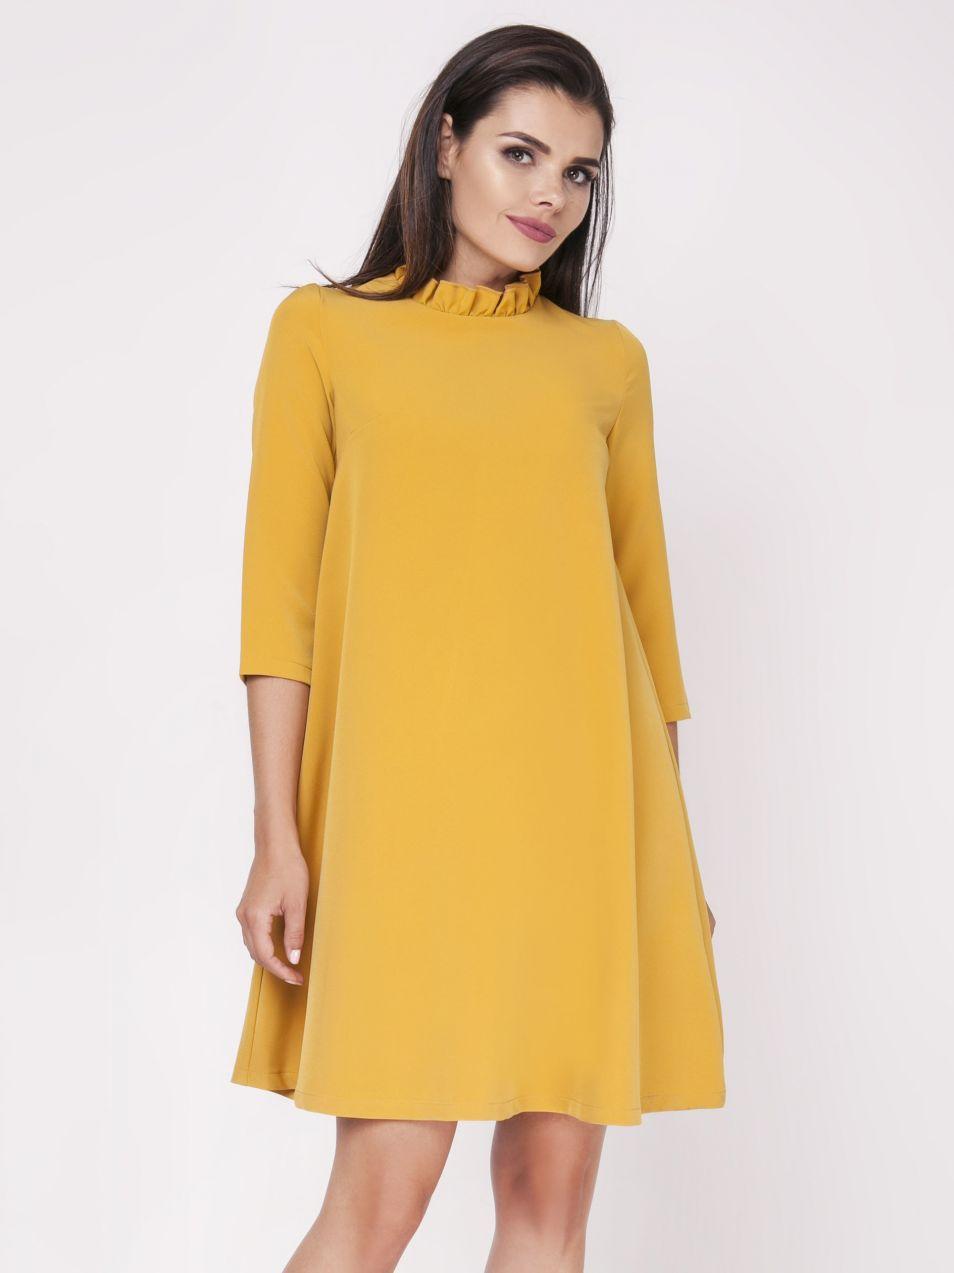 9cff720ba942 Foggy Dámske šaty FG113 CAMEL značky Foggy - Lovely.sk